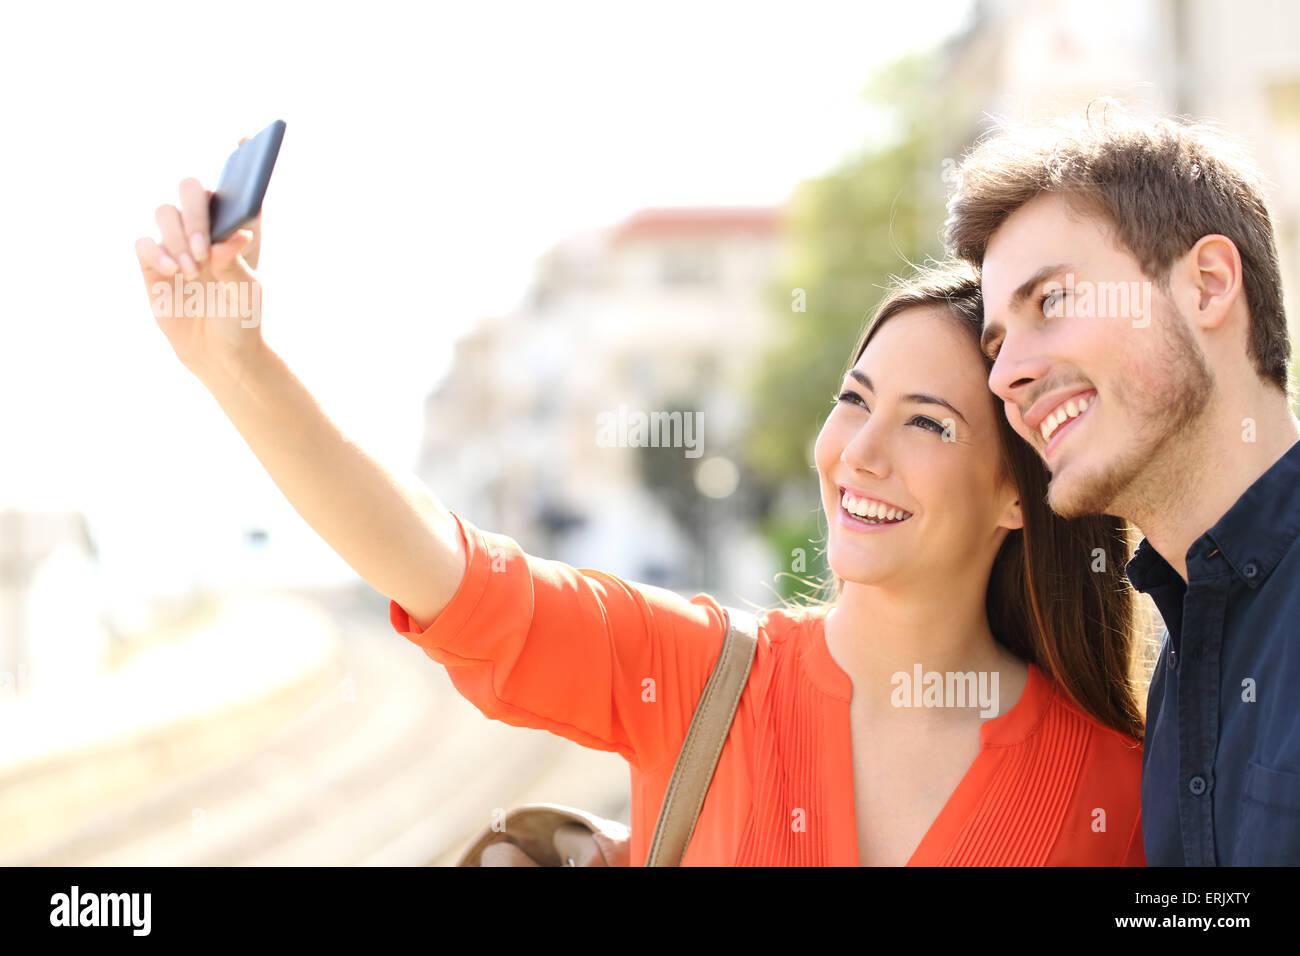 Reisenden Touristen paar Fotografieren ein Selbstporträt in einem Bahnhof Stockbild